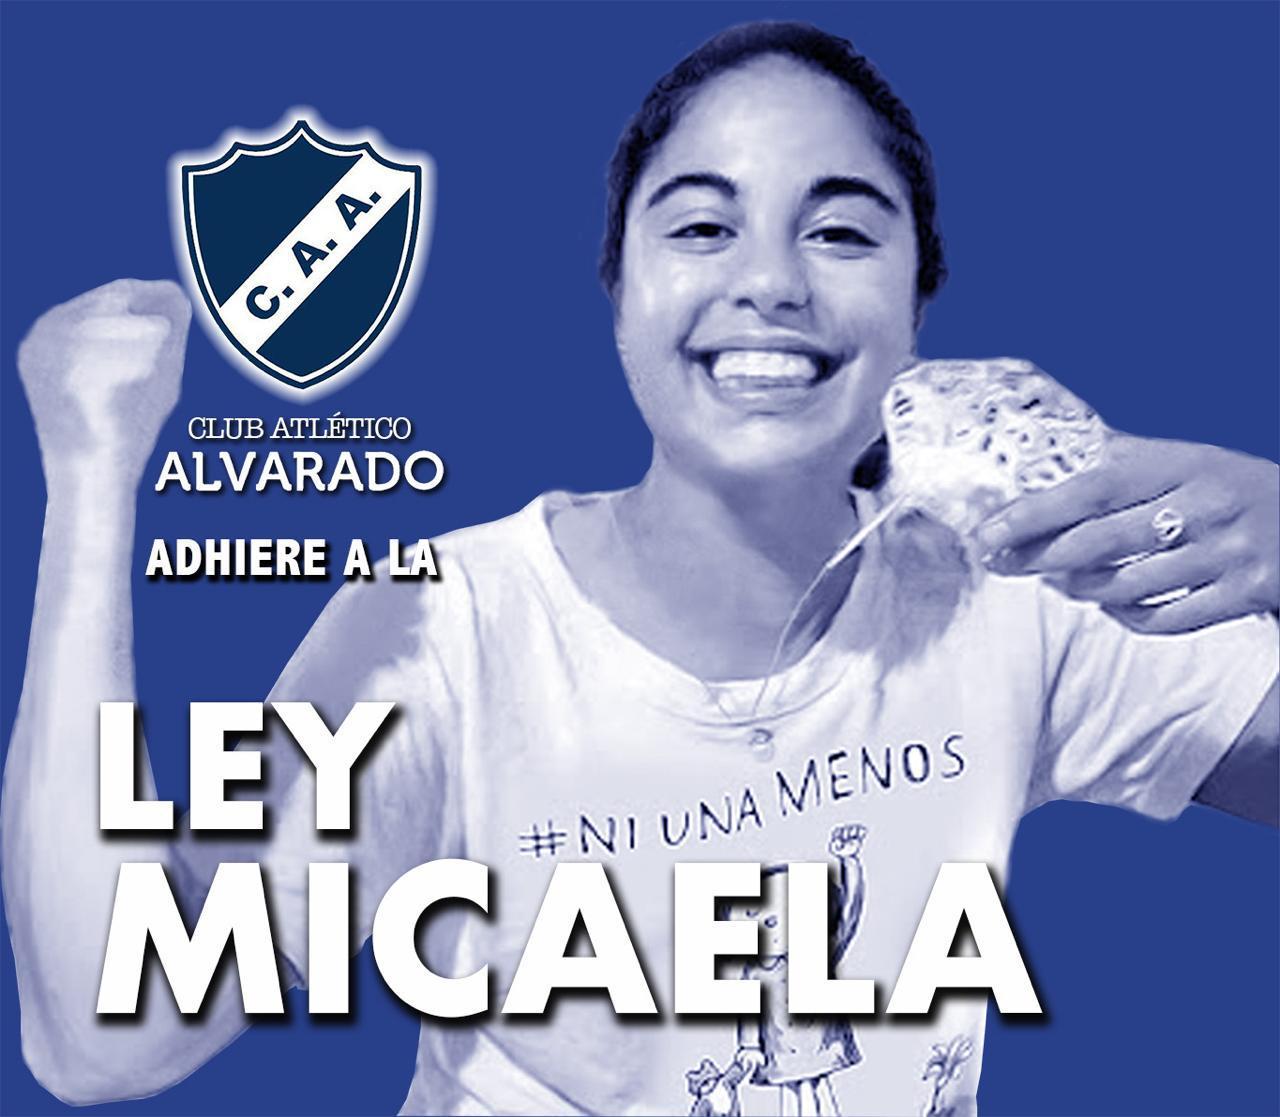 El Club Atlético Alvarado adhiere a la Ley Micaela